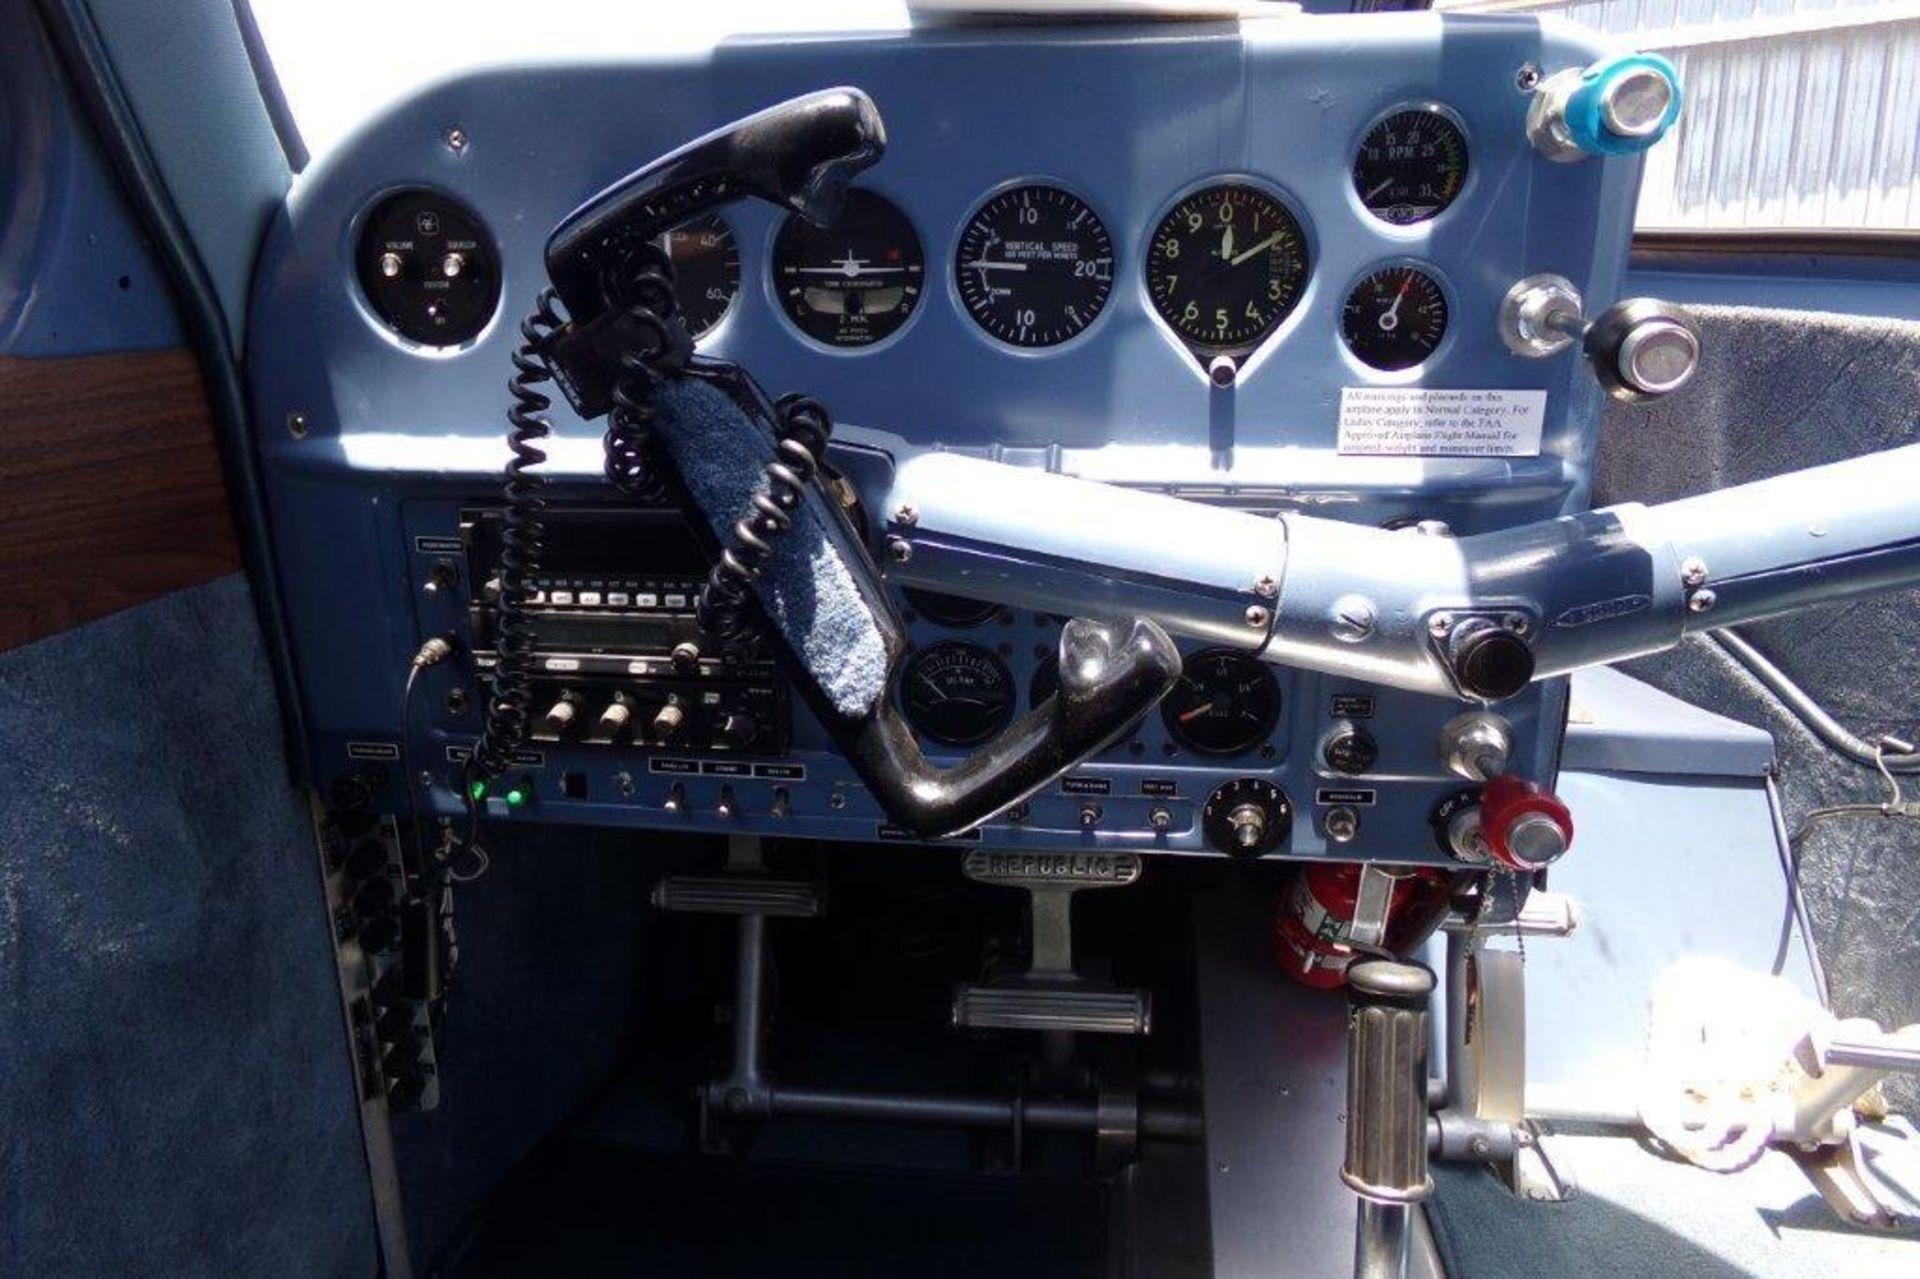 1947 REPUBLIC RC-3 SEA BEE N6518K S/N 784 - Image 7 of 16